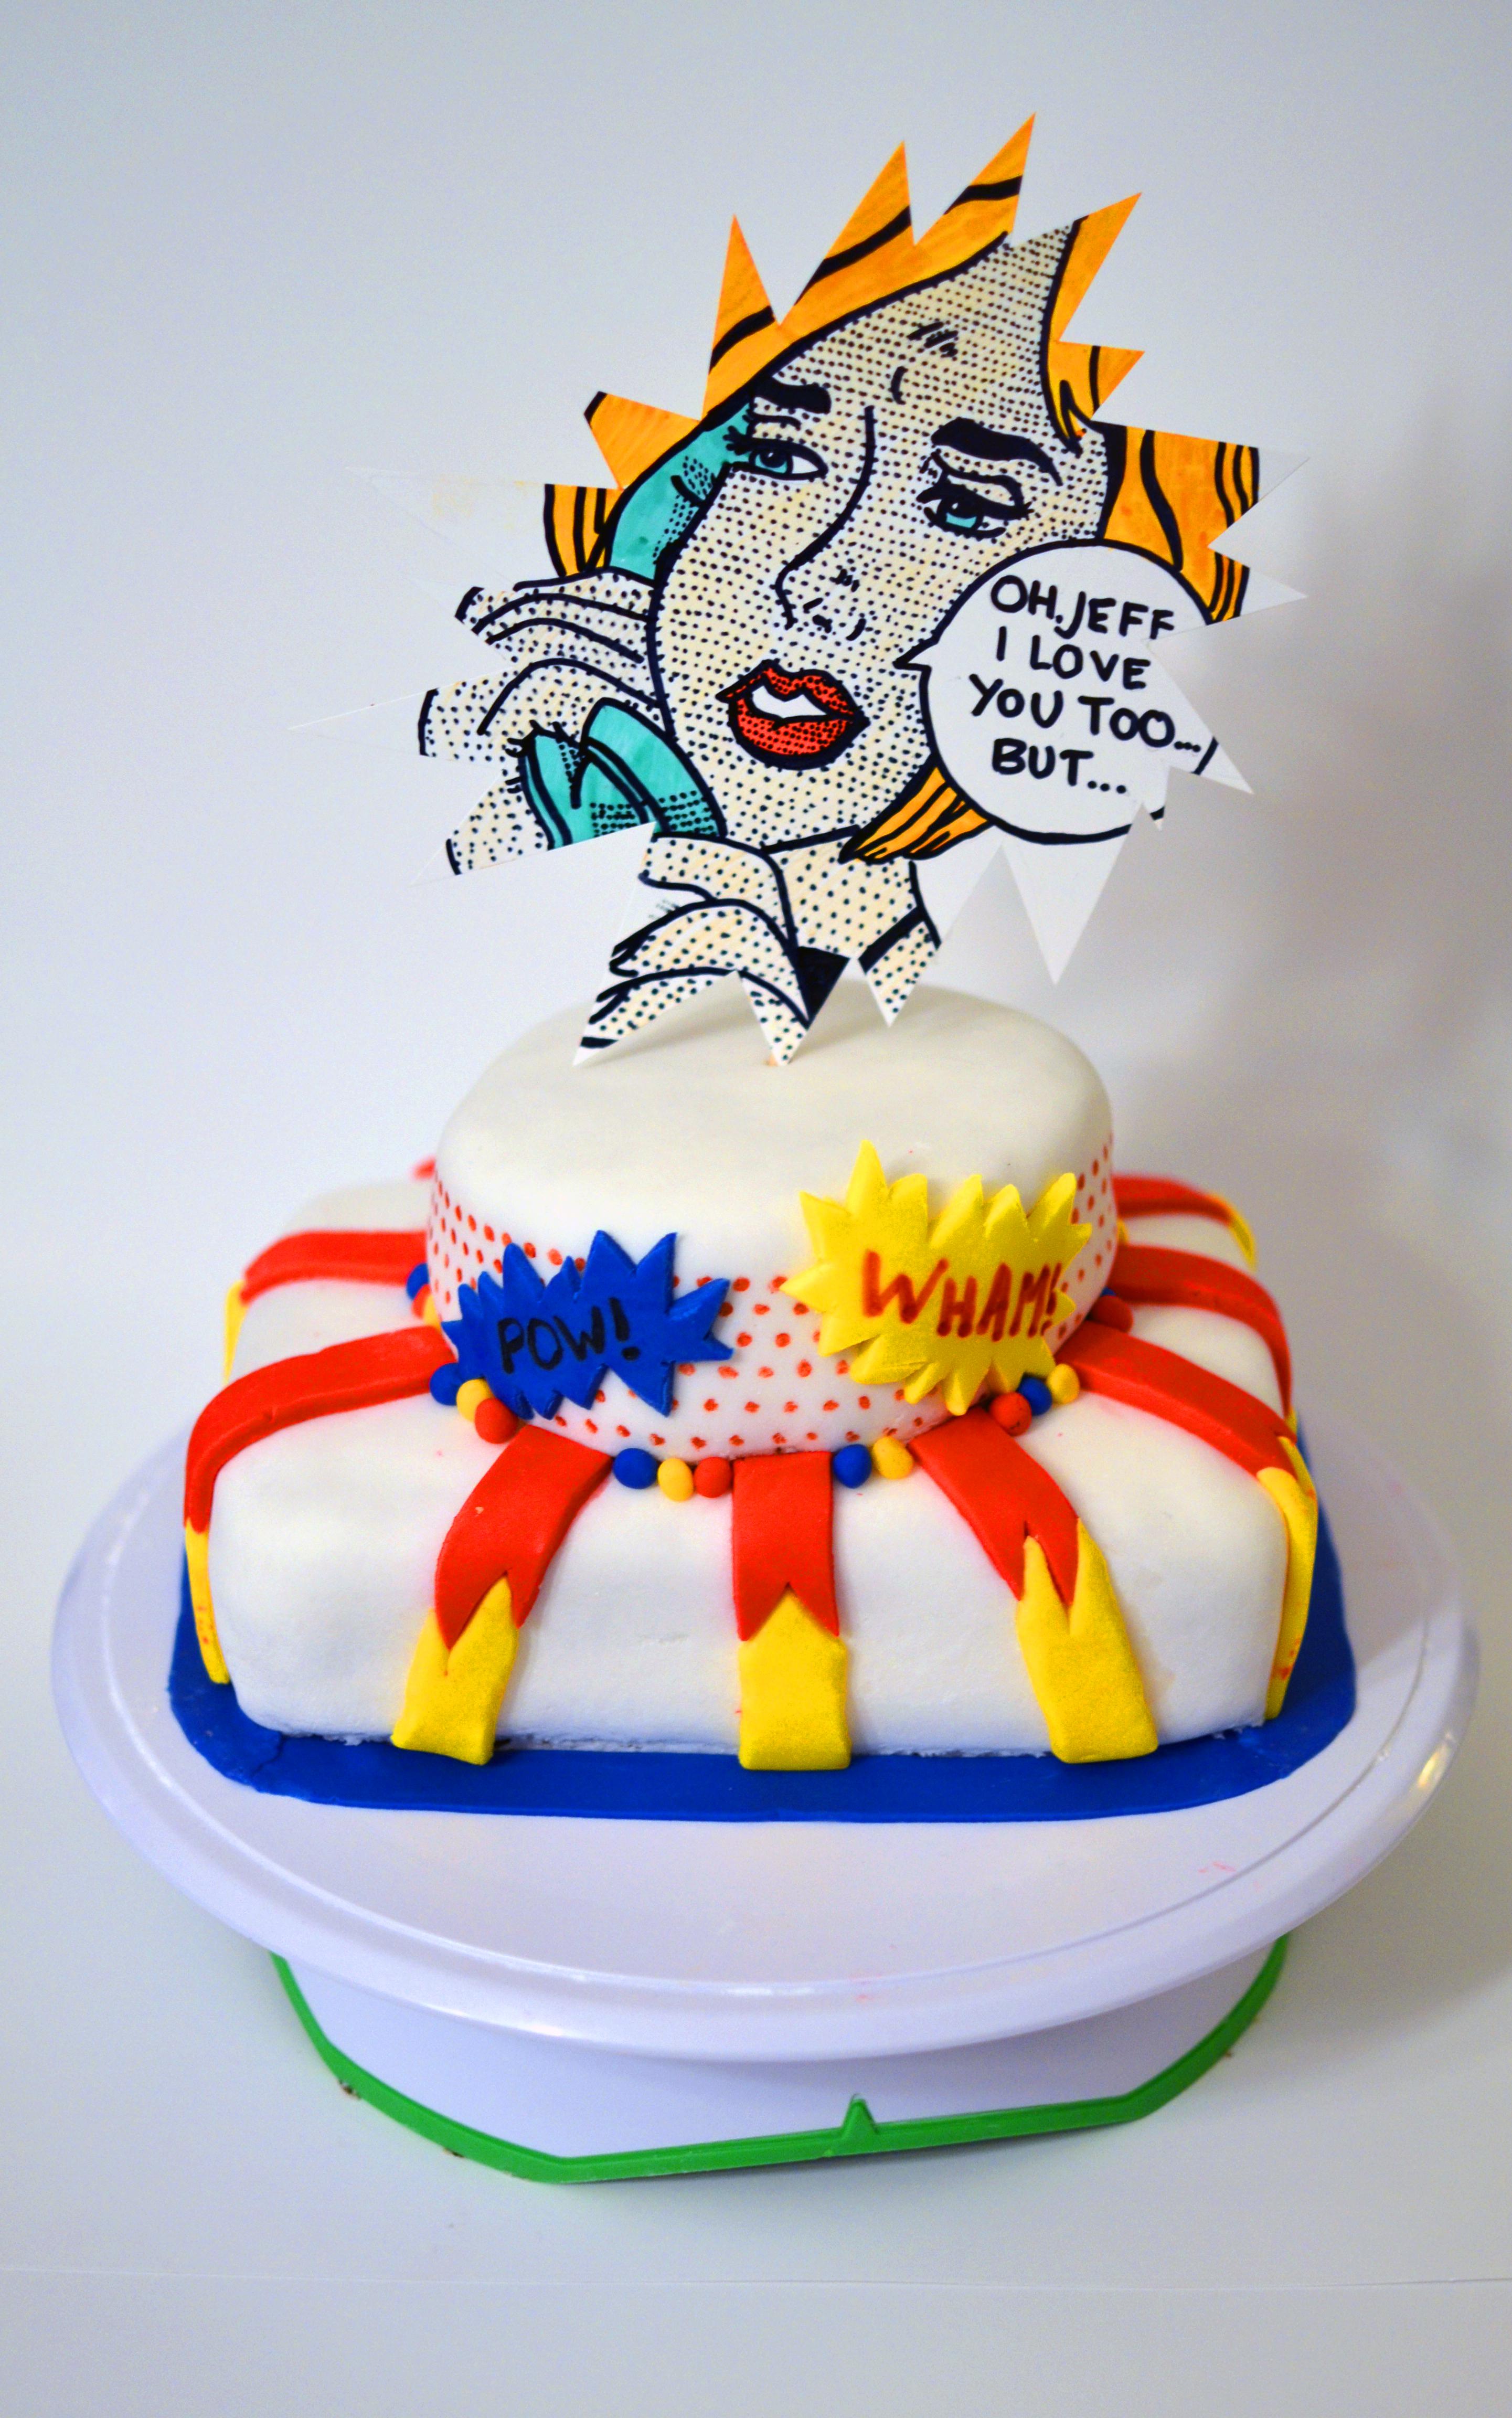 Roy Lichtenstein Fondant Cake: POP ART!